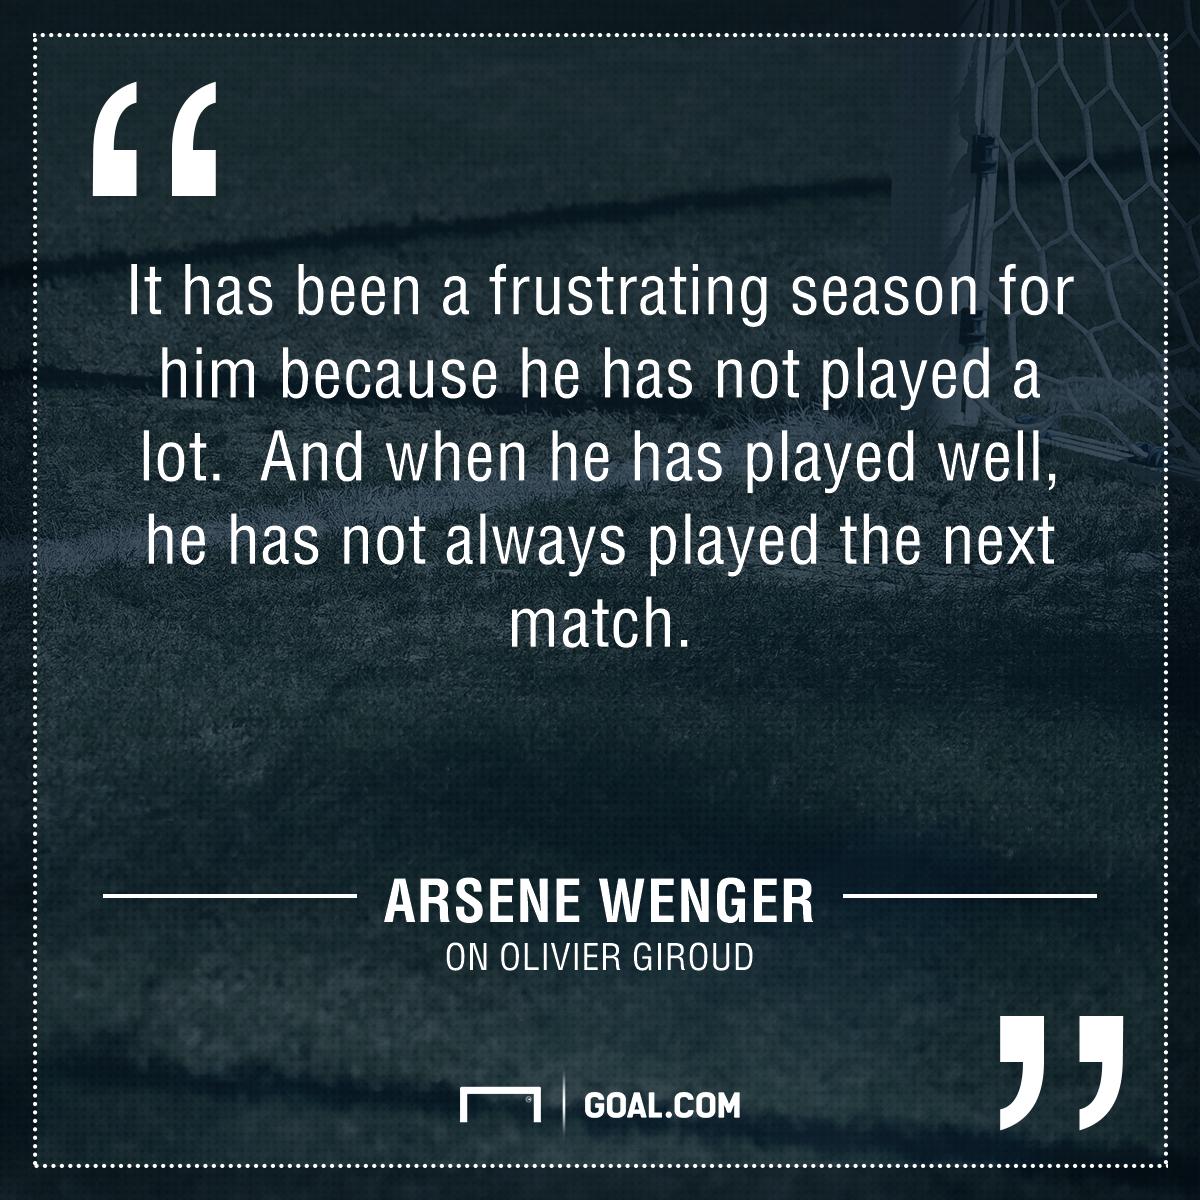 Wenger on Giroud